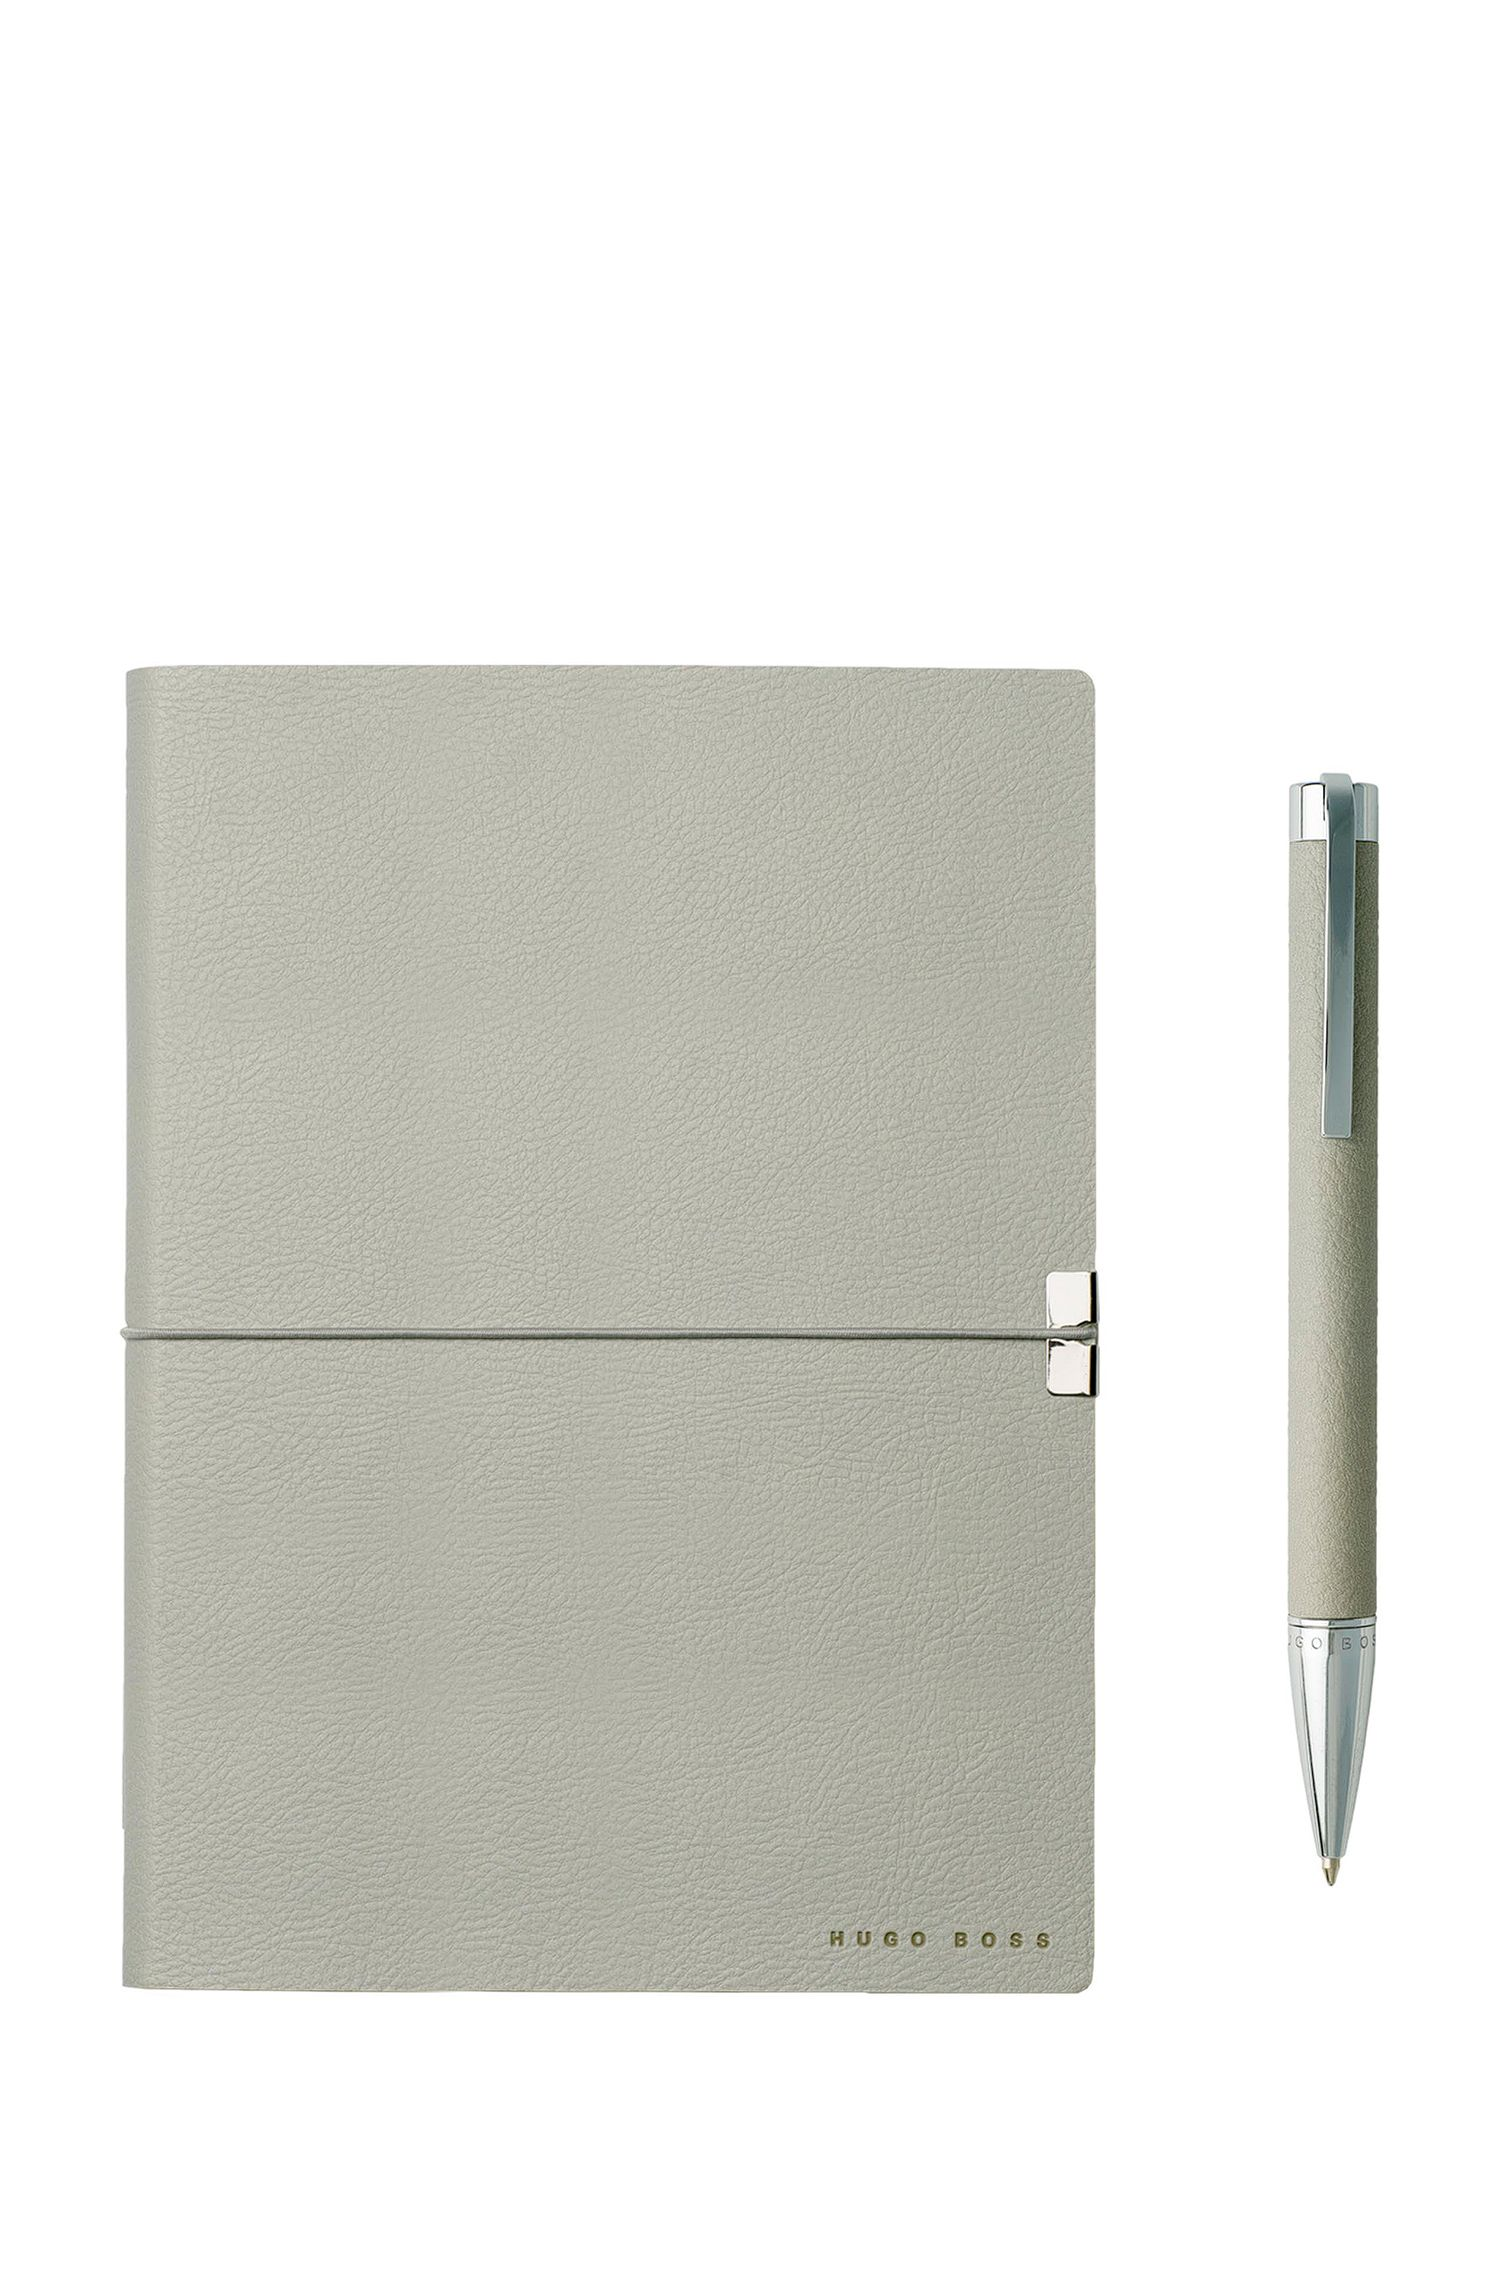 Geschenk-Set mit DIN-A5-Notizbuch und Kugelschreiber aus Messing mit strukturiertem Kunstleder-Bezug